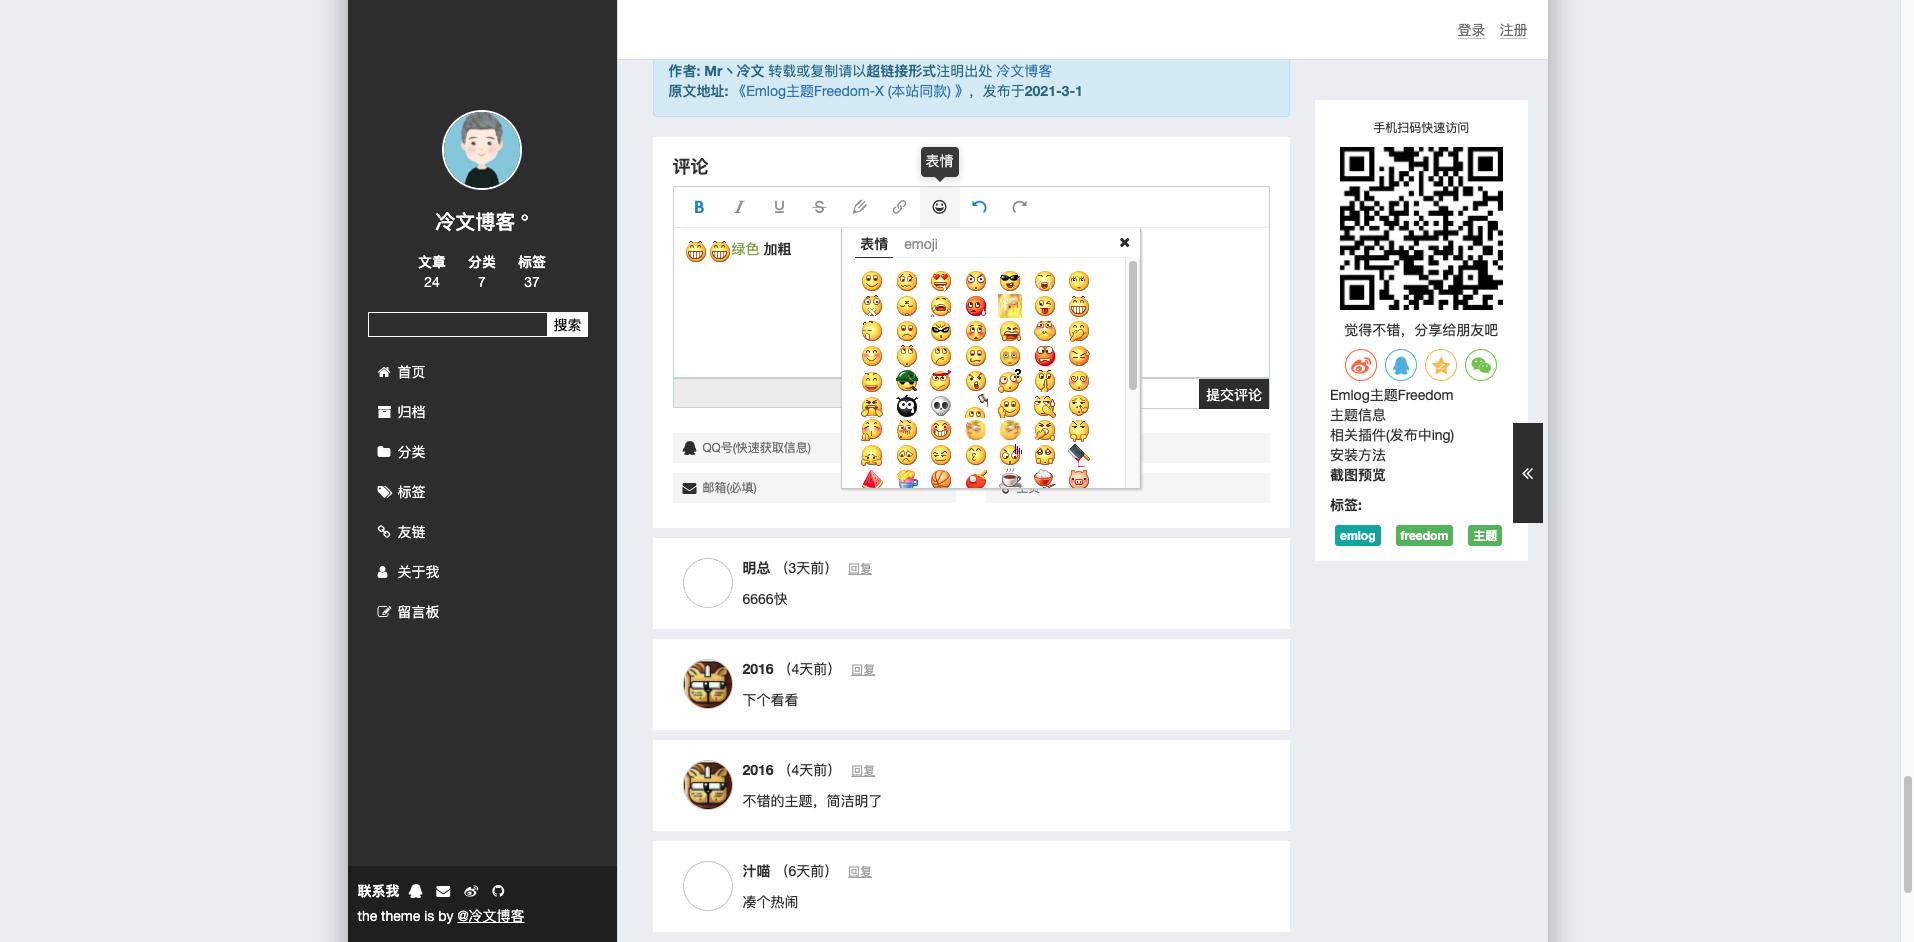 https://imagebed-1252410096.cos.ap-nanjing.myqcloud.com/20210309/fae3e16f734d402398696ae840417e90.png